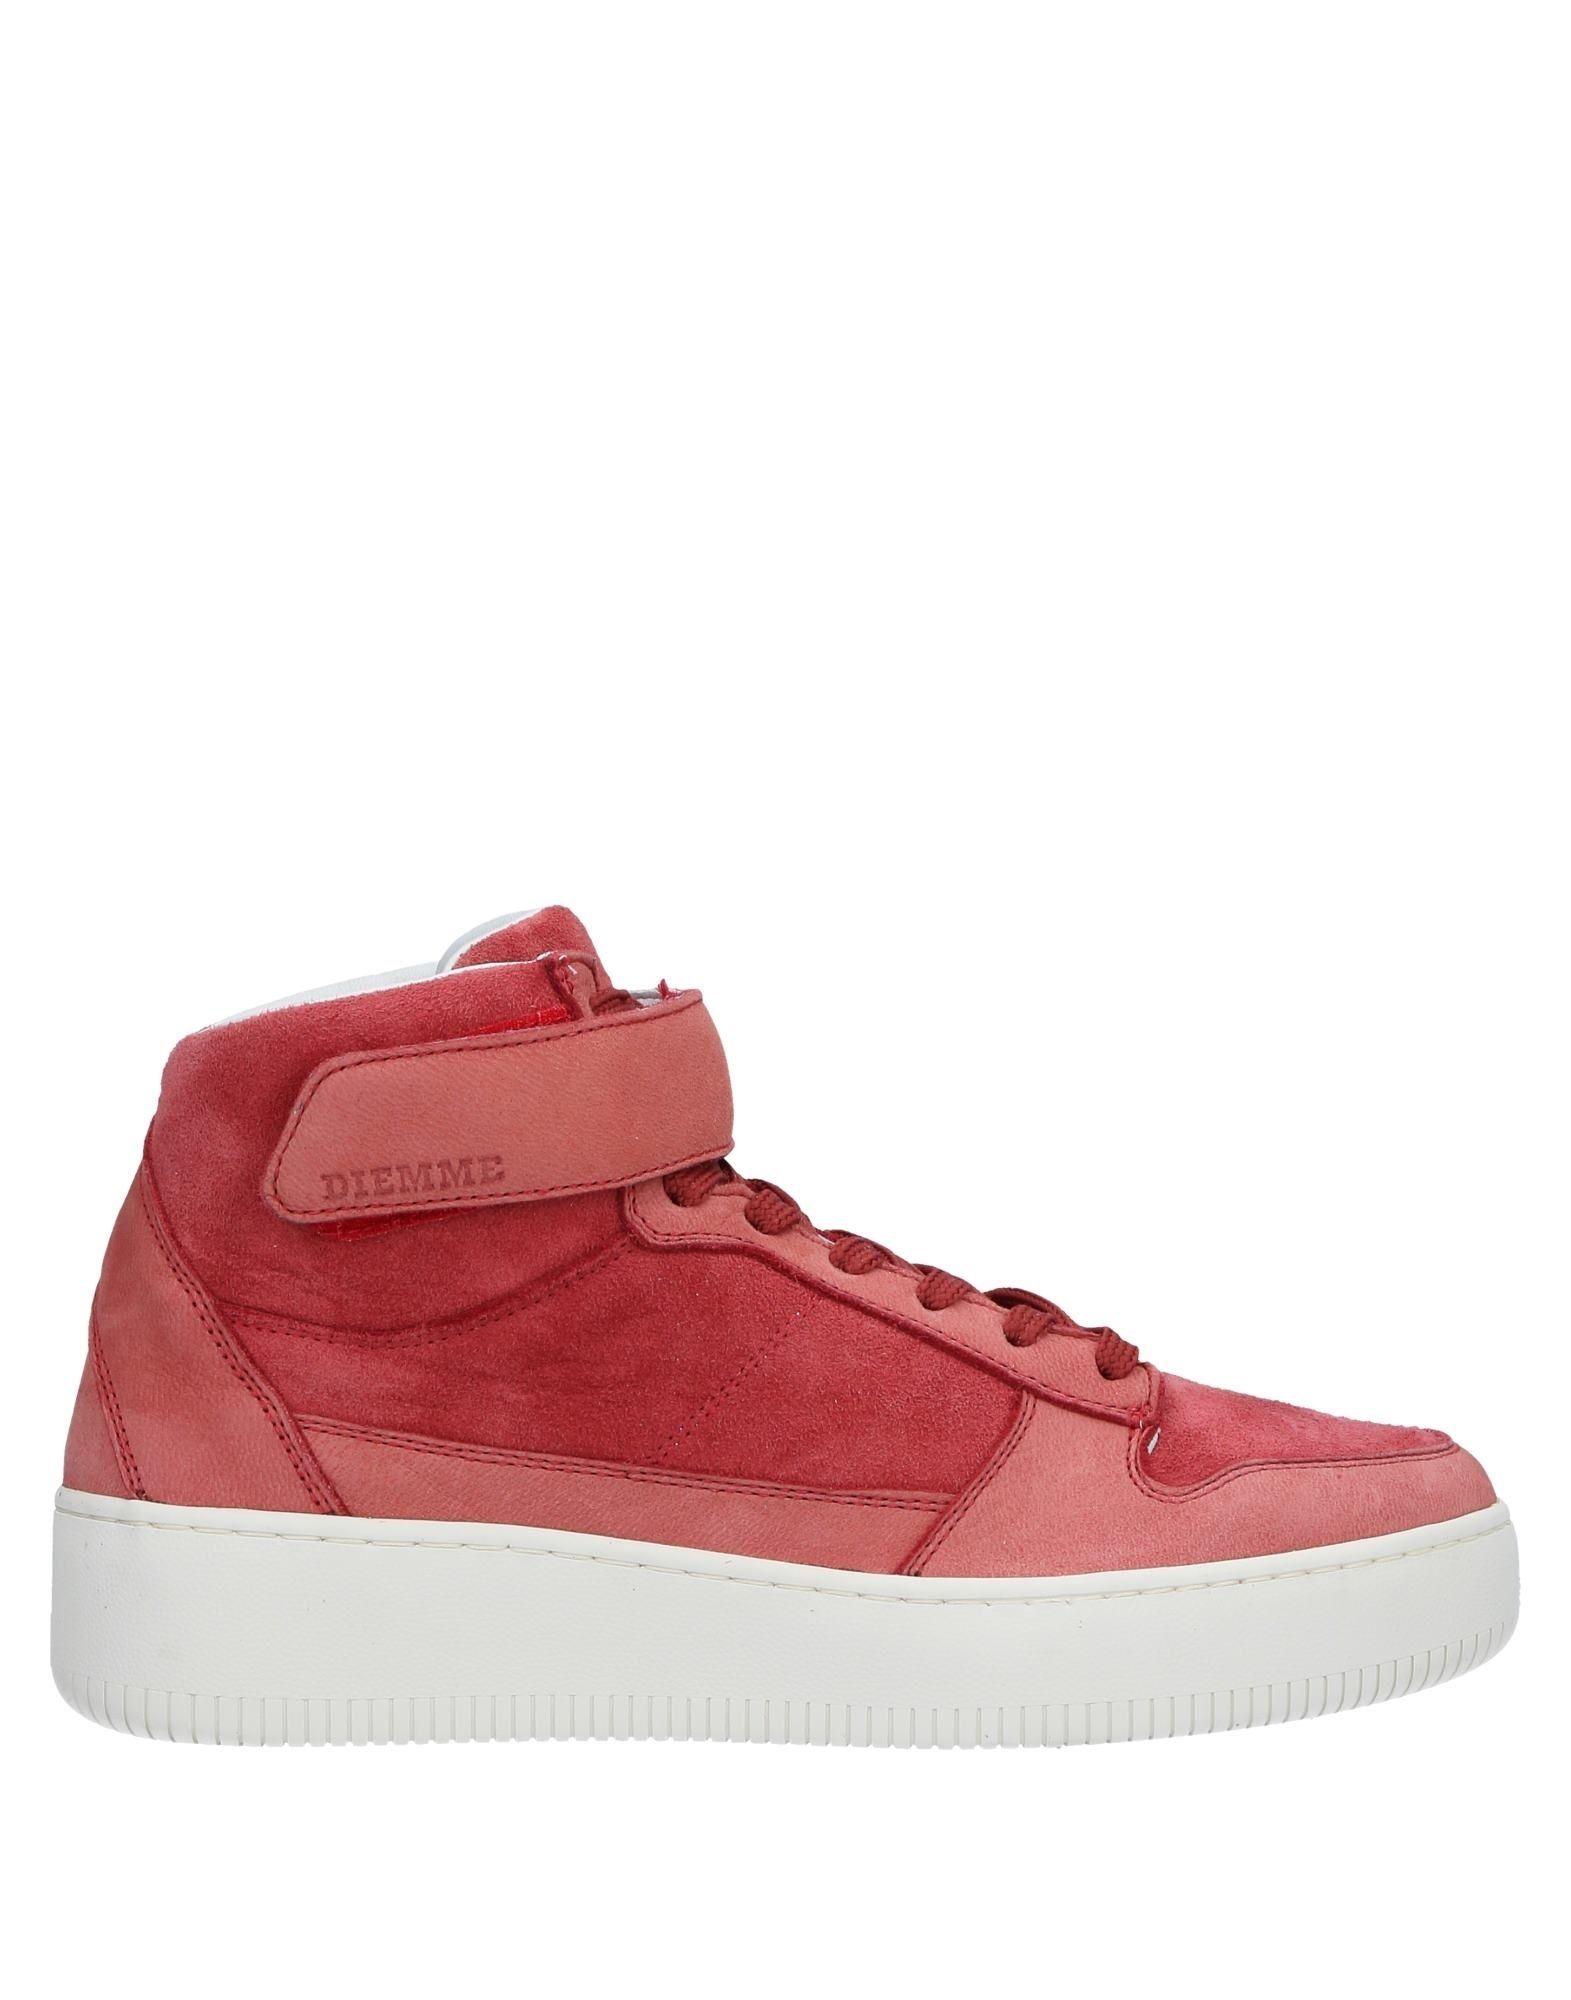 Stilvolle billige Schuhe Diemme Sneakers Damen  11500880JX